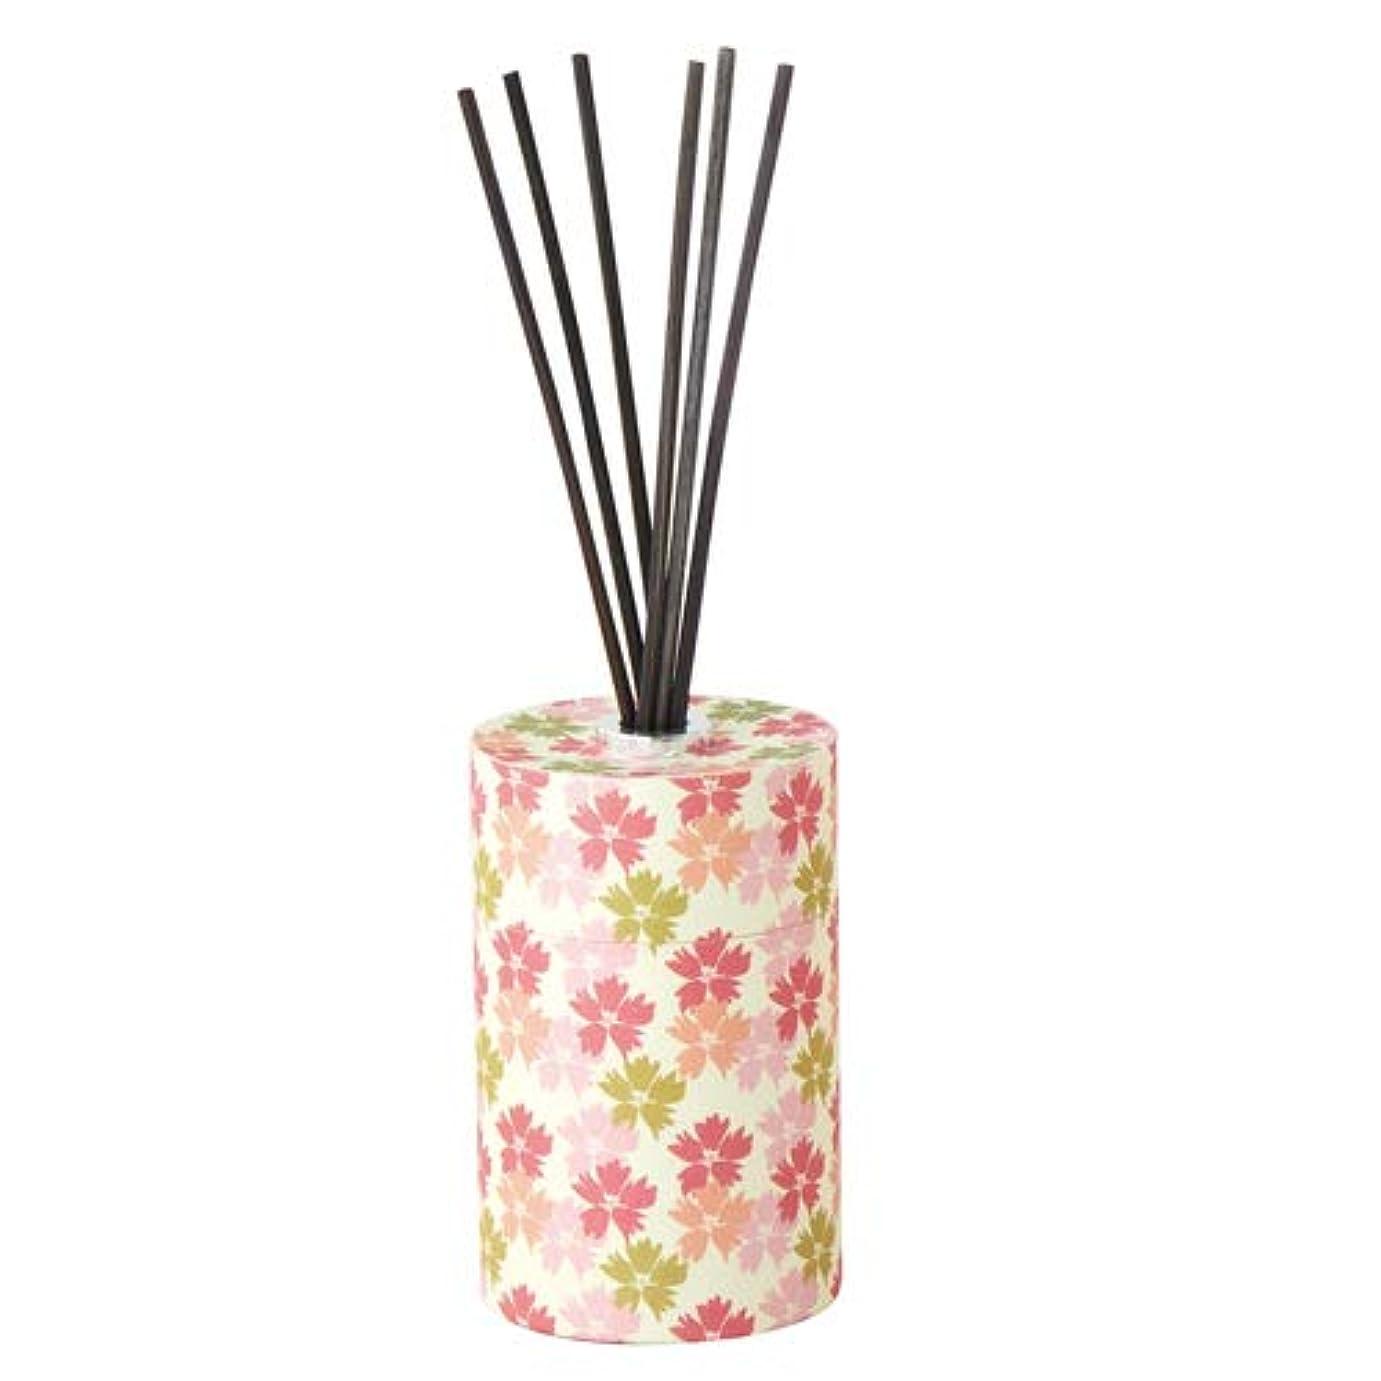 無実担当者スイング和遊ディフューザー 桜の香り 1個